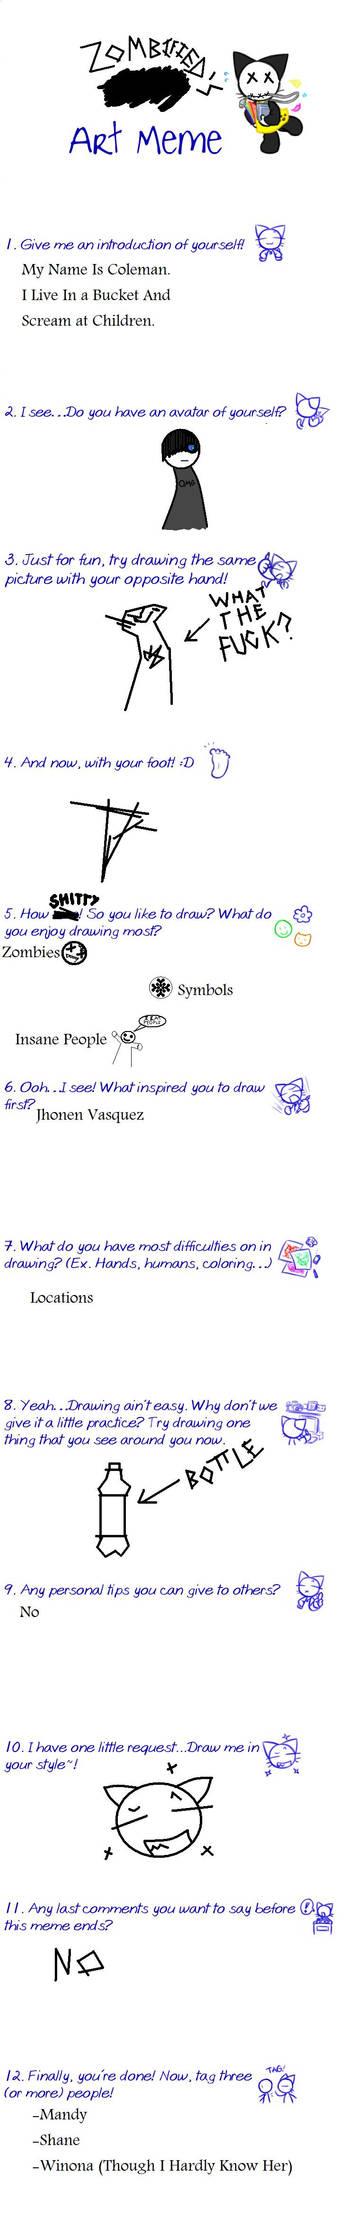 Zombified's Art meme